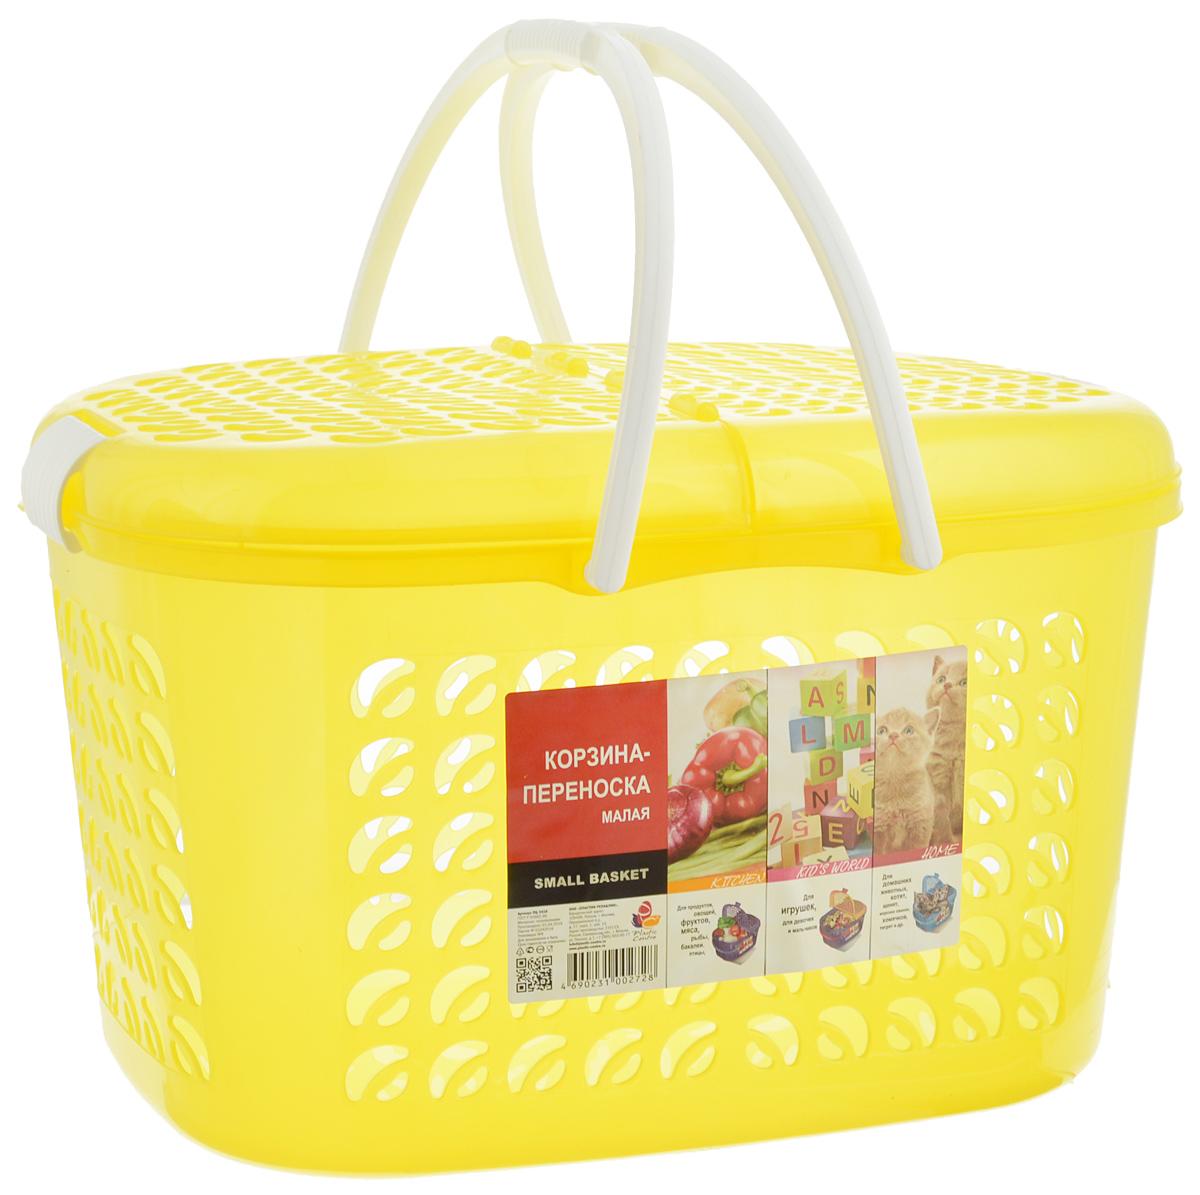 Корзина-переноска Plastic Centre, цвет: желтый, белый, 37 х 27,5 х 23 смTD 0033Корзина-переноска Plastic Centre выполнена из прочного пластика. Корзина прекрасно подойдет для хранения продуктов, детских игрушек или переноски небольших домашних животных. На стенках и крышке расположены фигурные отверстия, дно сплошное. Оснащена двумя пластиковыми ручками, крышкой, открывающейся с двух сторон, и крепкими защелками.Размер корзины (с учетом крышки, без учета ручек): 37 х 27,5 х 23 см.